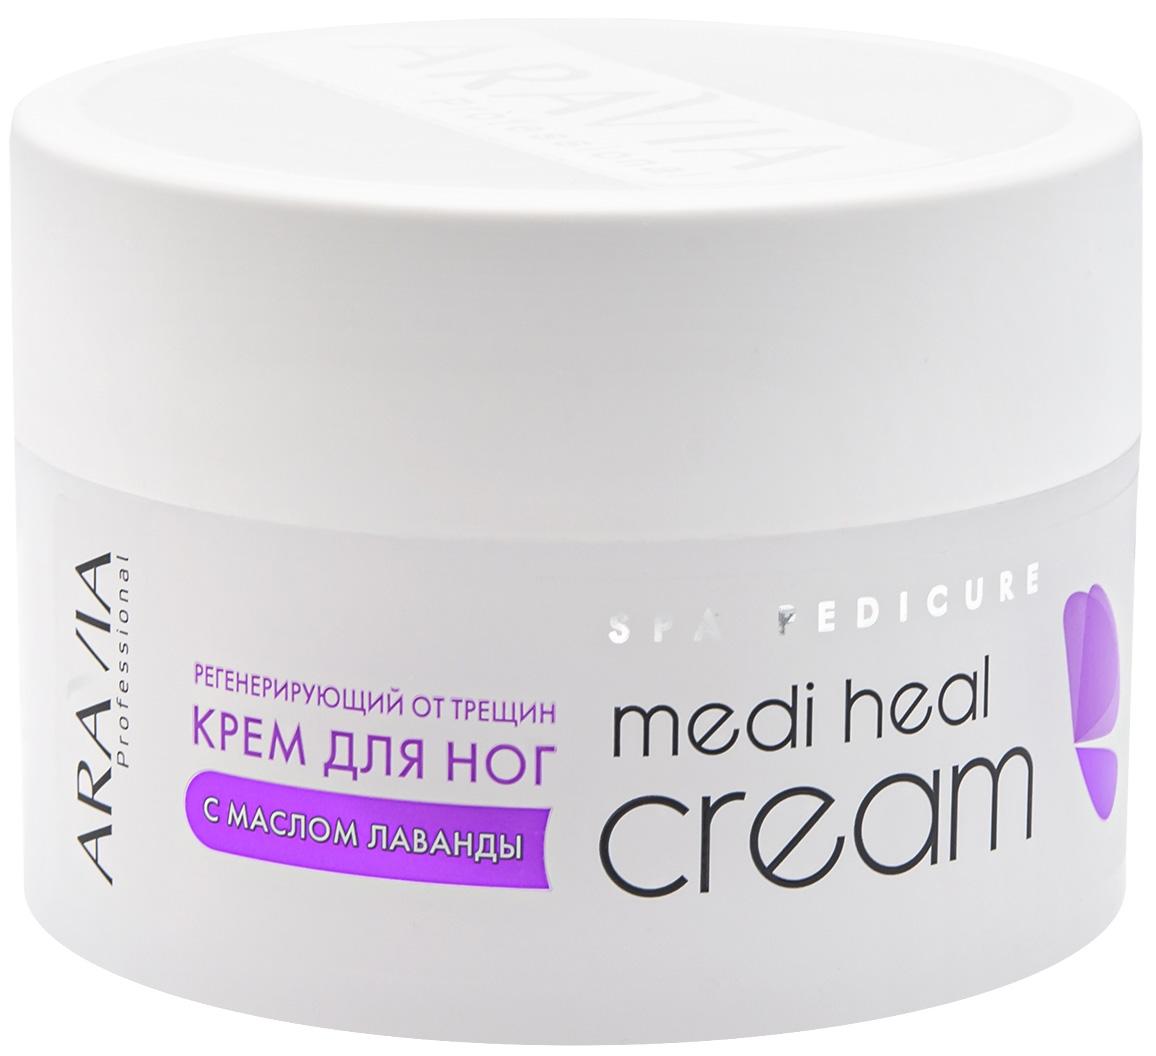 Купить Aravia Professional Регенерирующий крем от трещин с маслом лаванды Medi Heal Cream, 150 мл (Aravia Professional, SPA педикюр), Россия